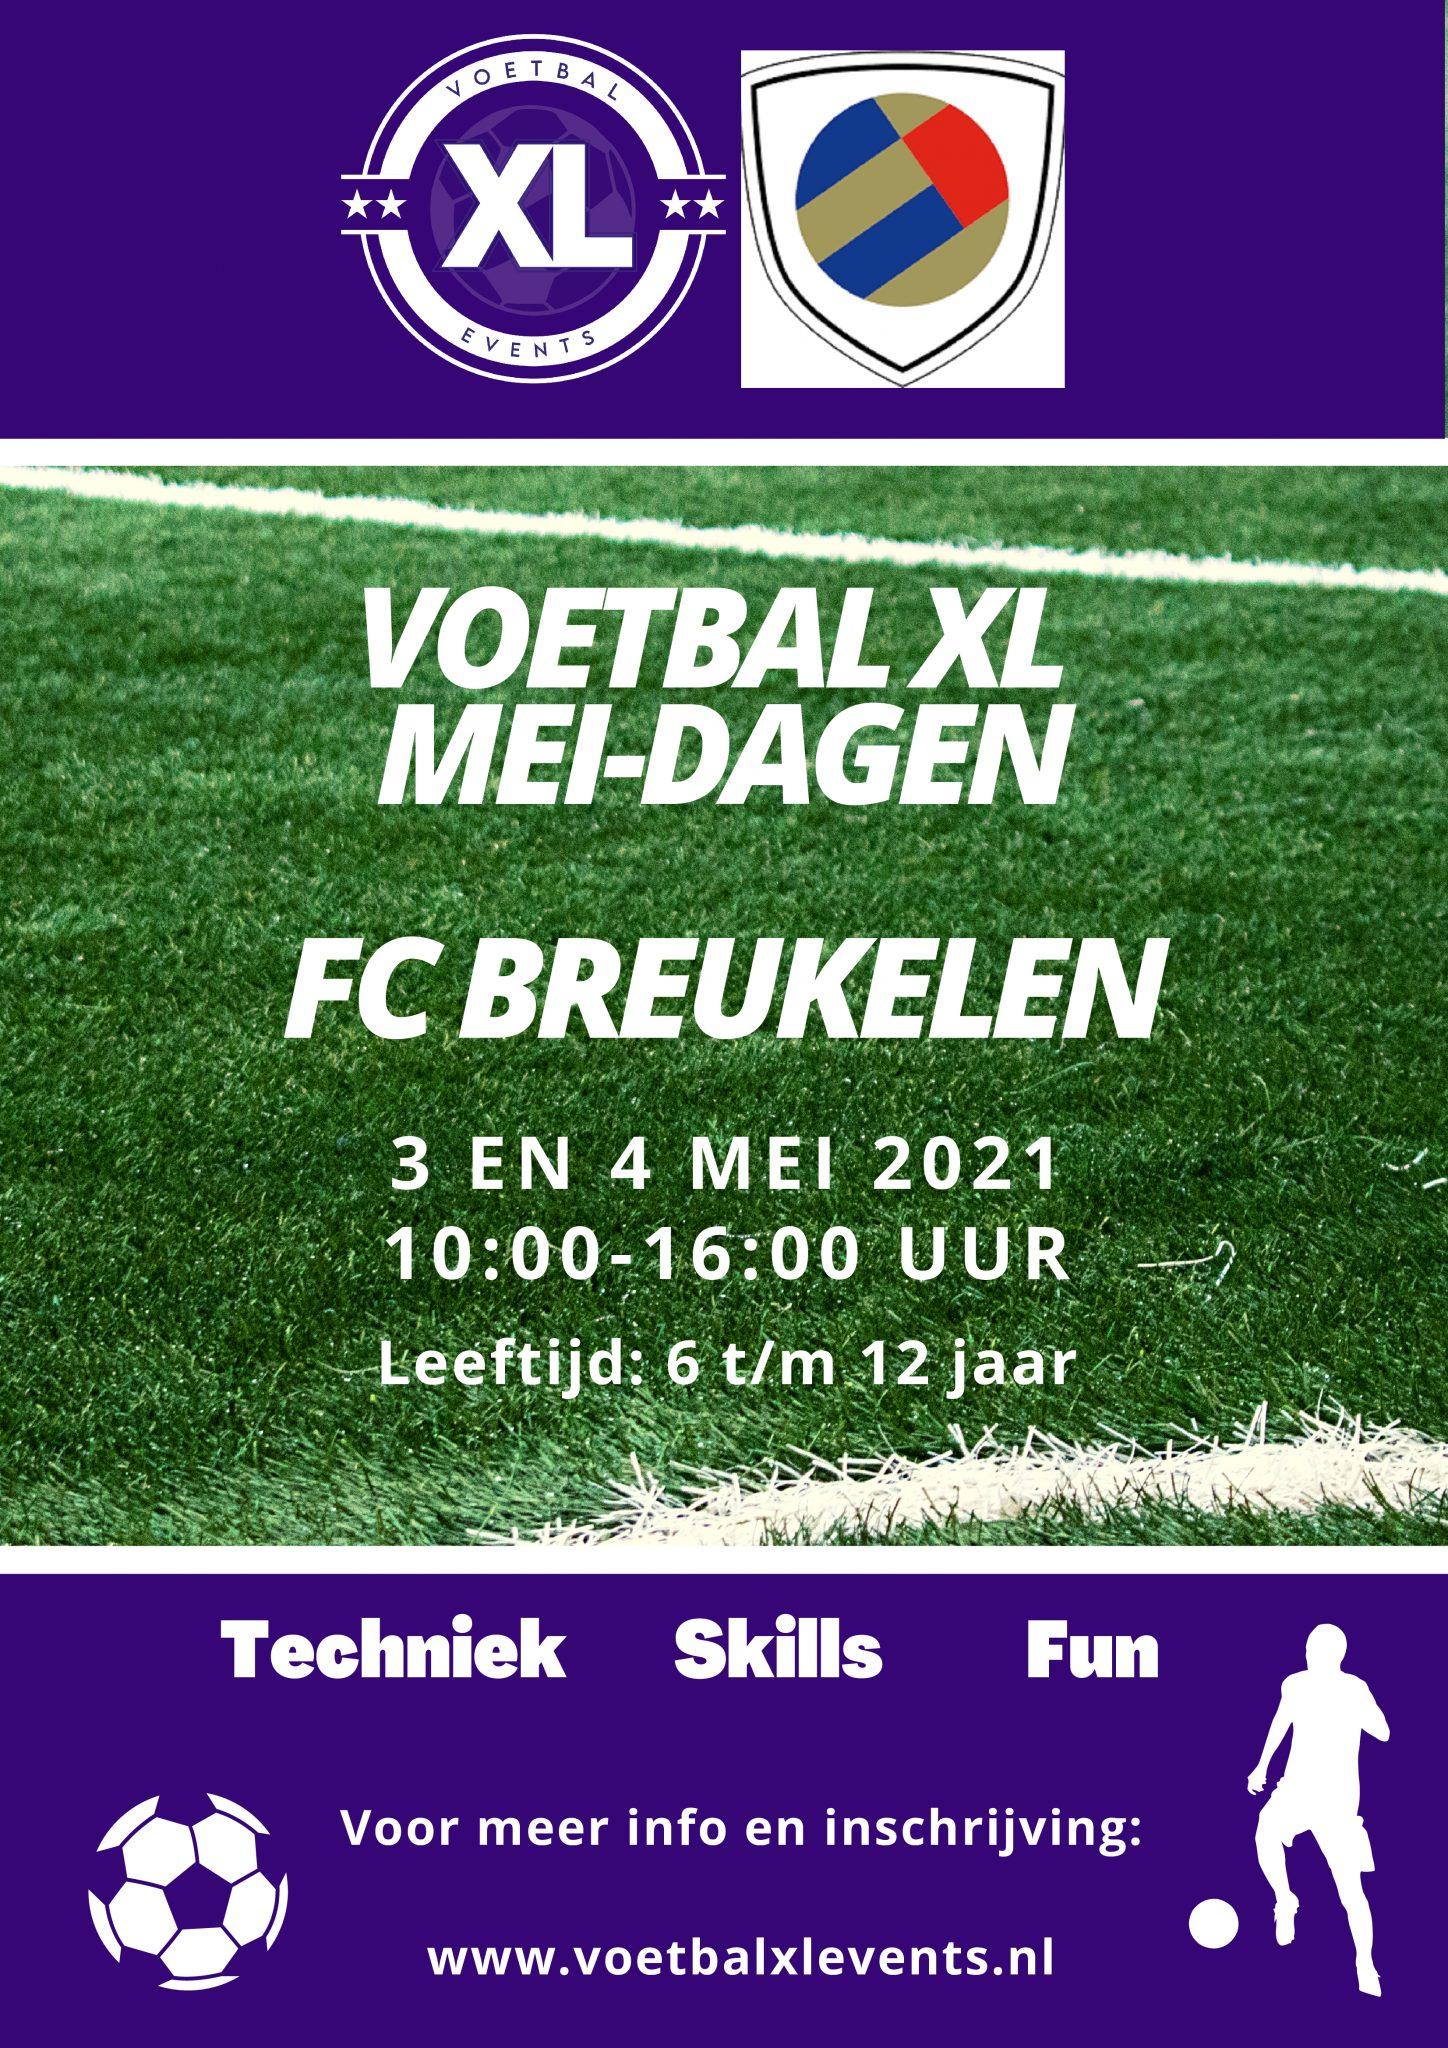 Voetbal XL Voetbaldagen 3 en 4 mei aanstaande bij FC Breukelen